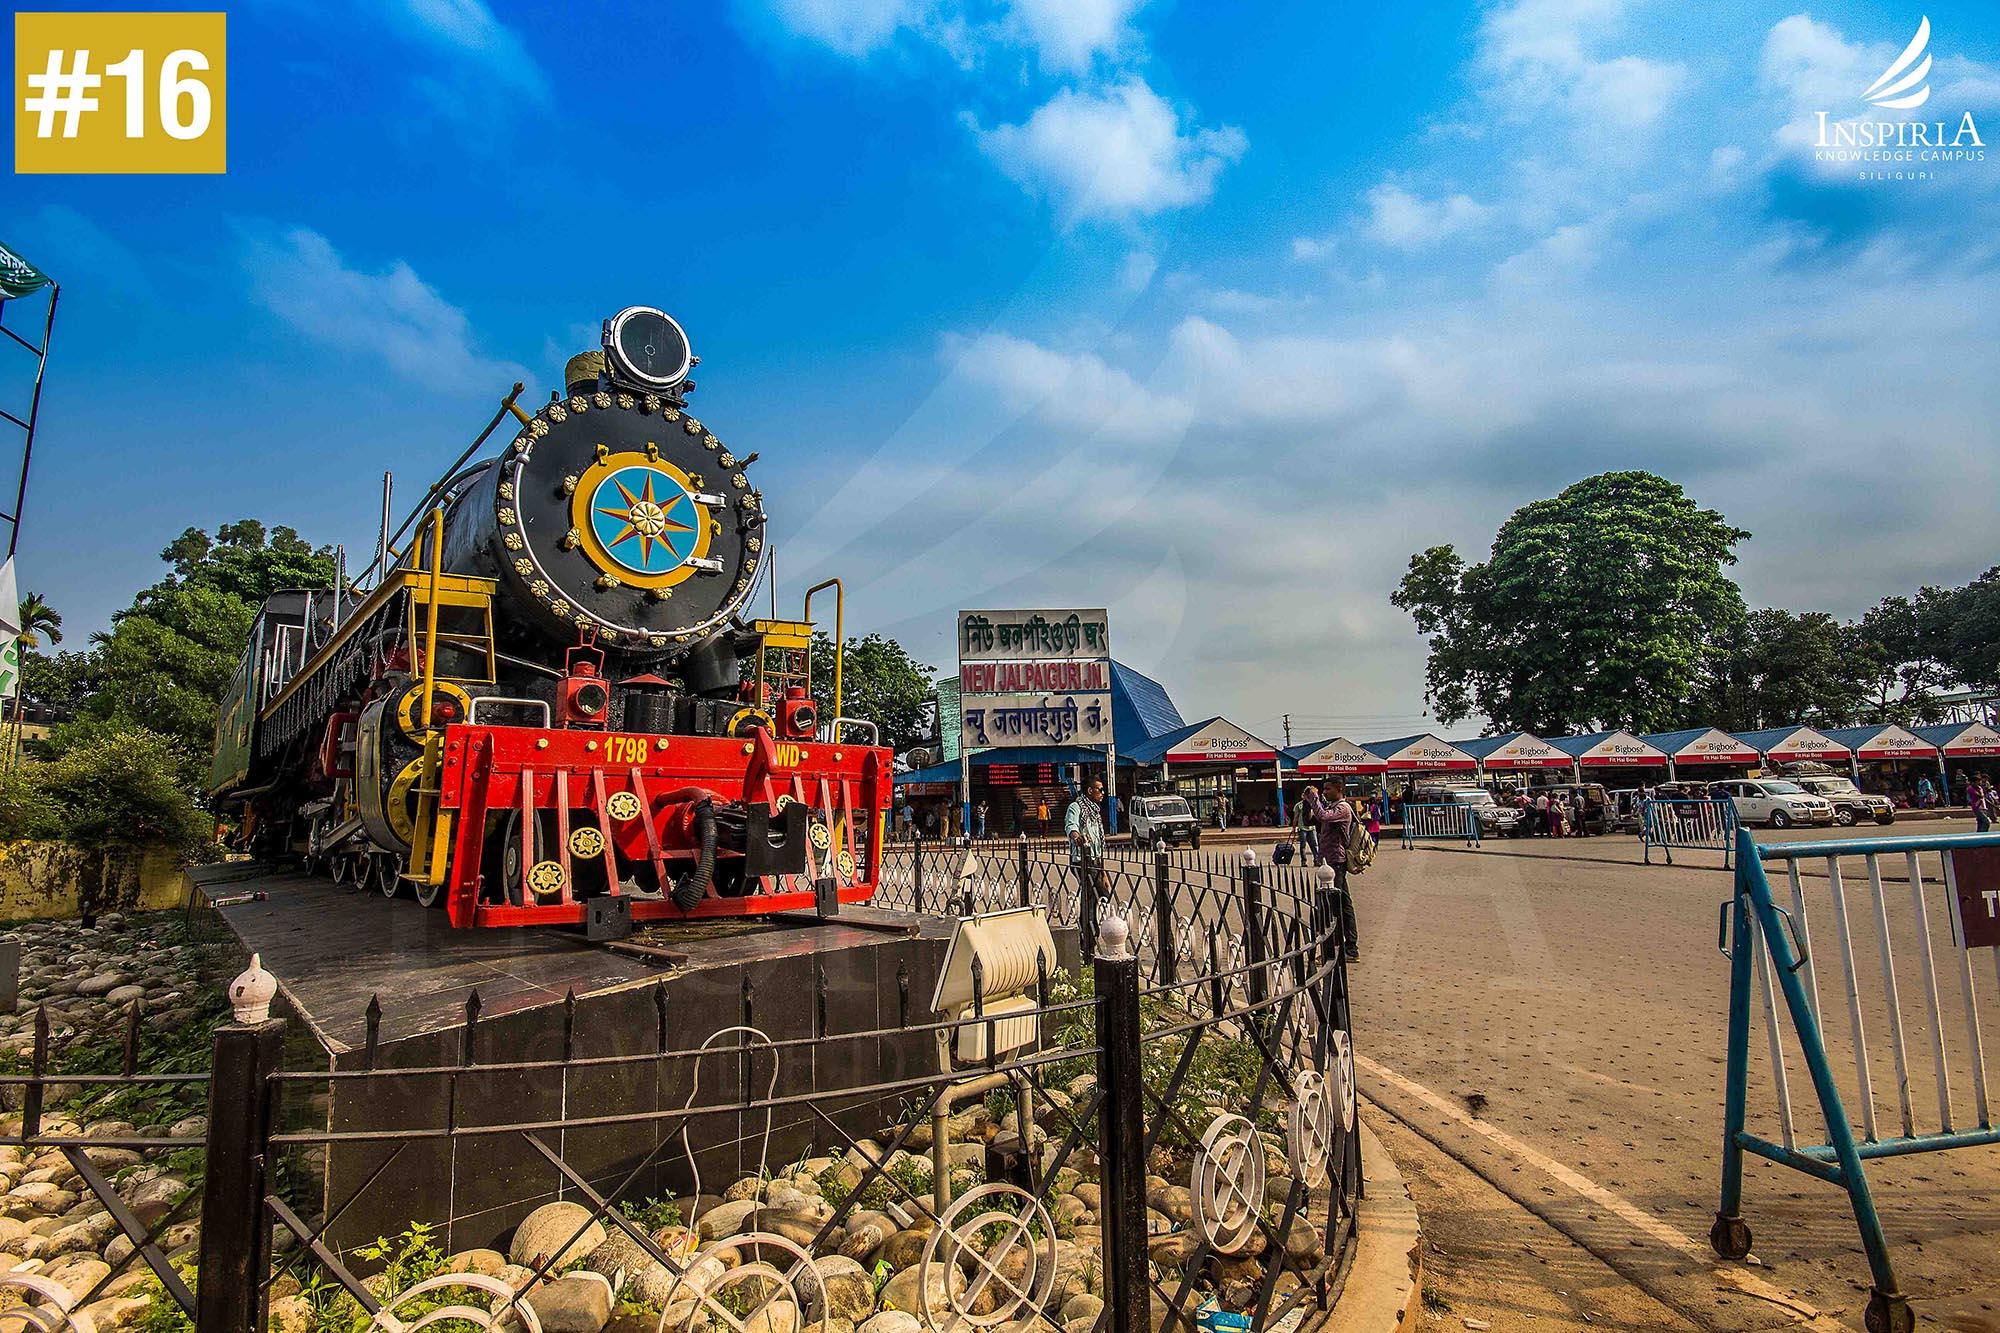 New-jalpaiguri-juntion-railway-station-siliguri-toy-train